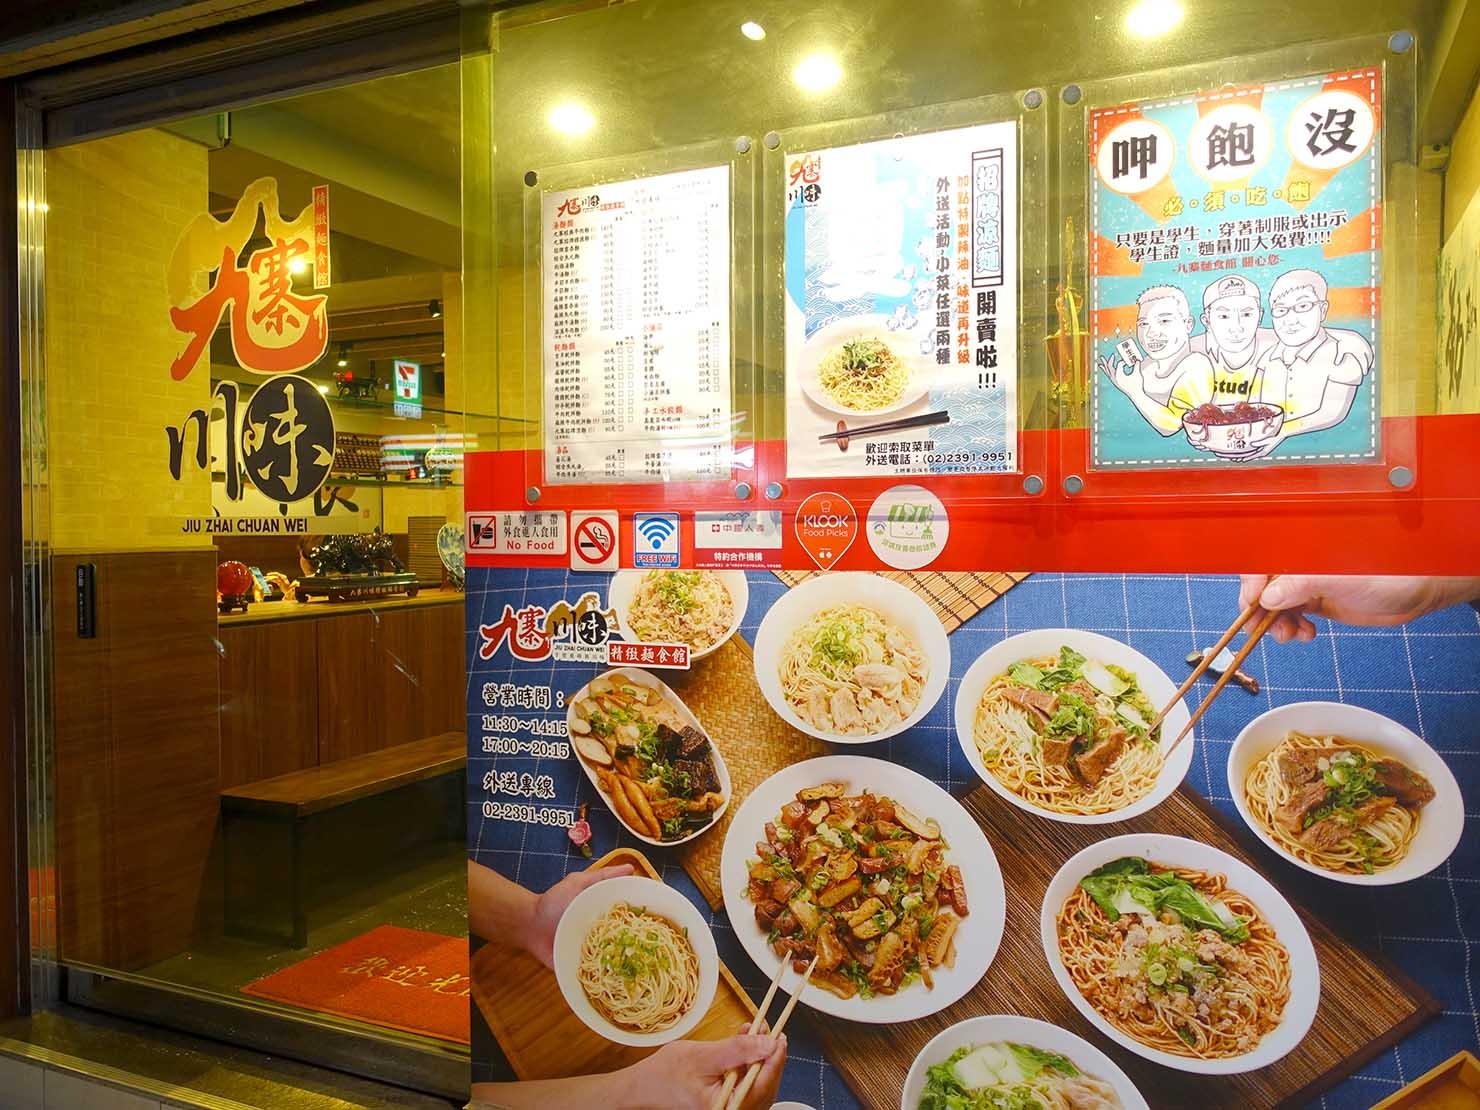 台北・善導寺のおすすめグルメ店「九寨川味精緻麵食館」の外観